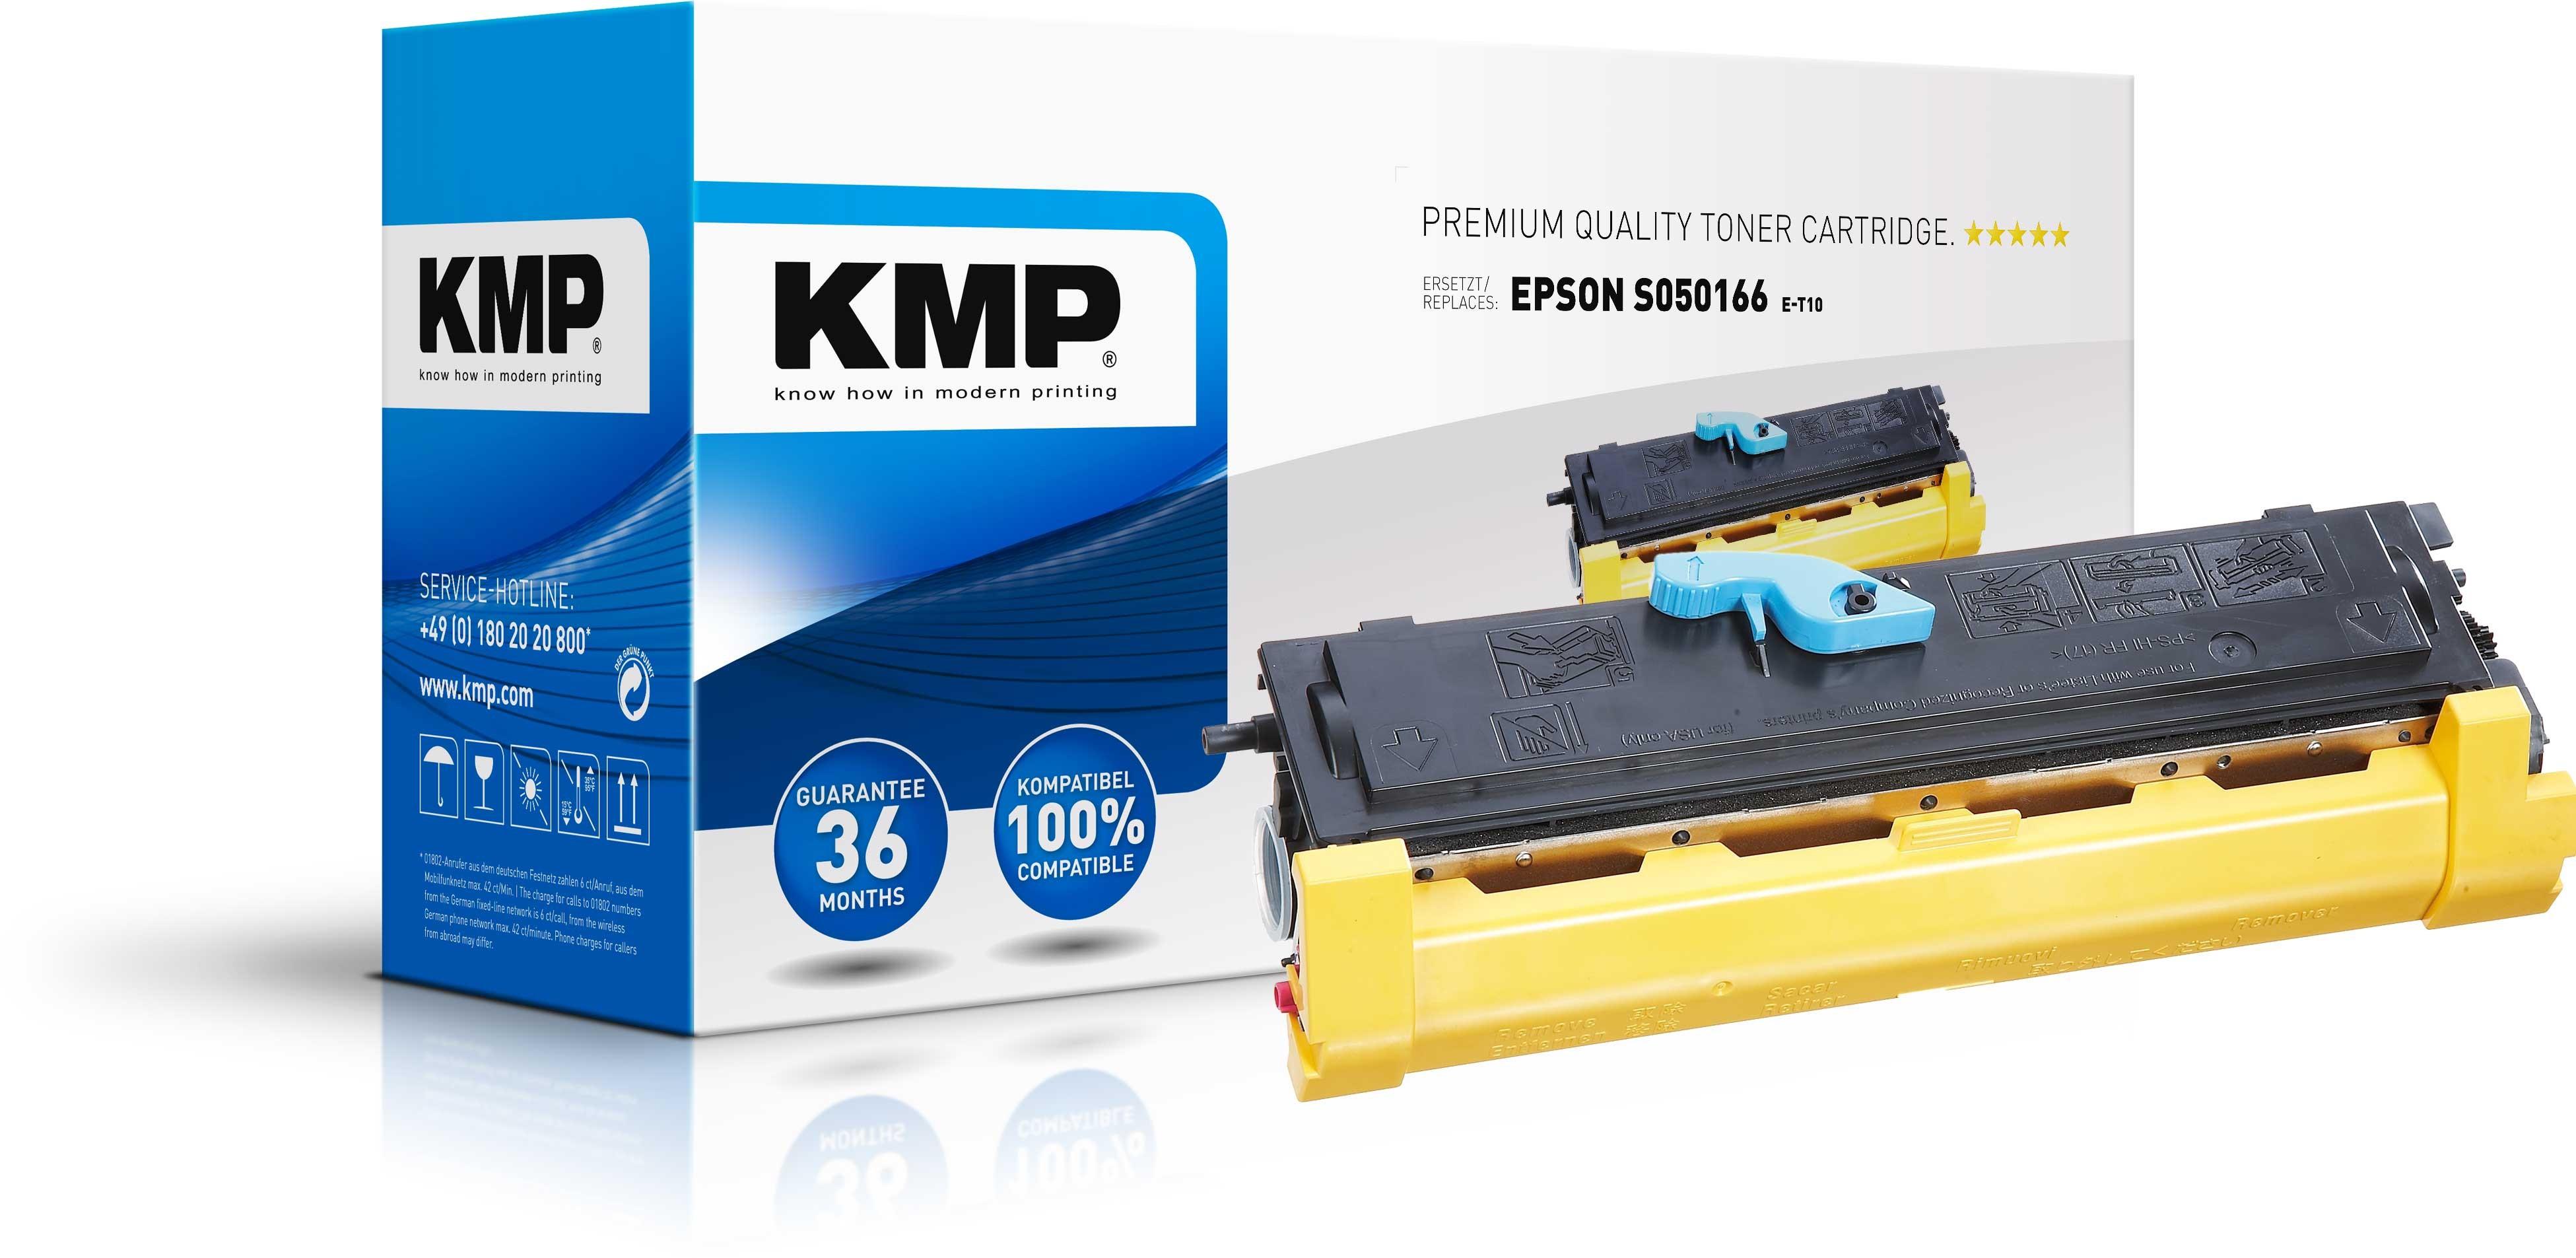 KMP Toner für Epson SO50166 EPL 6200 6200L black